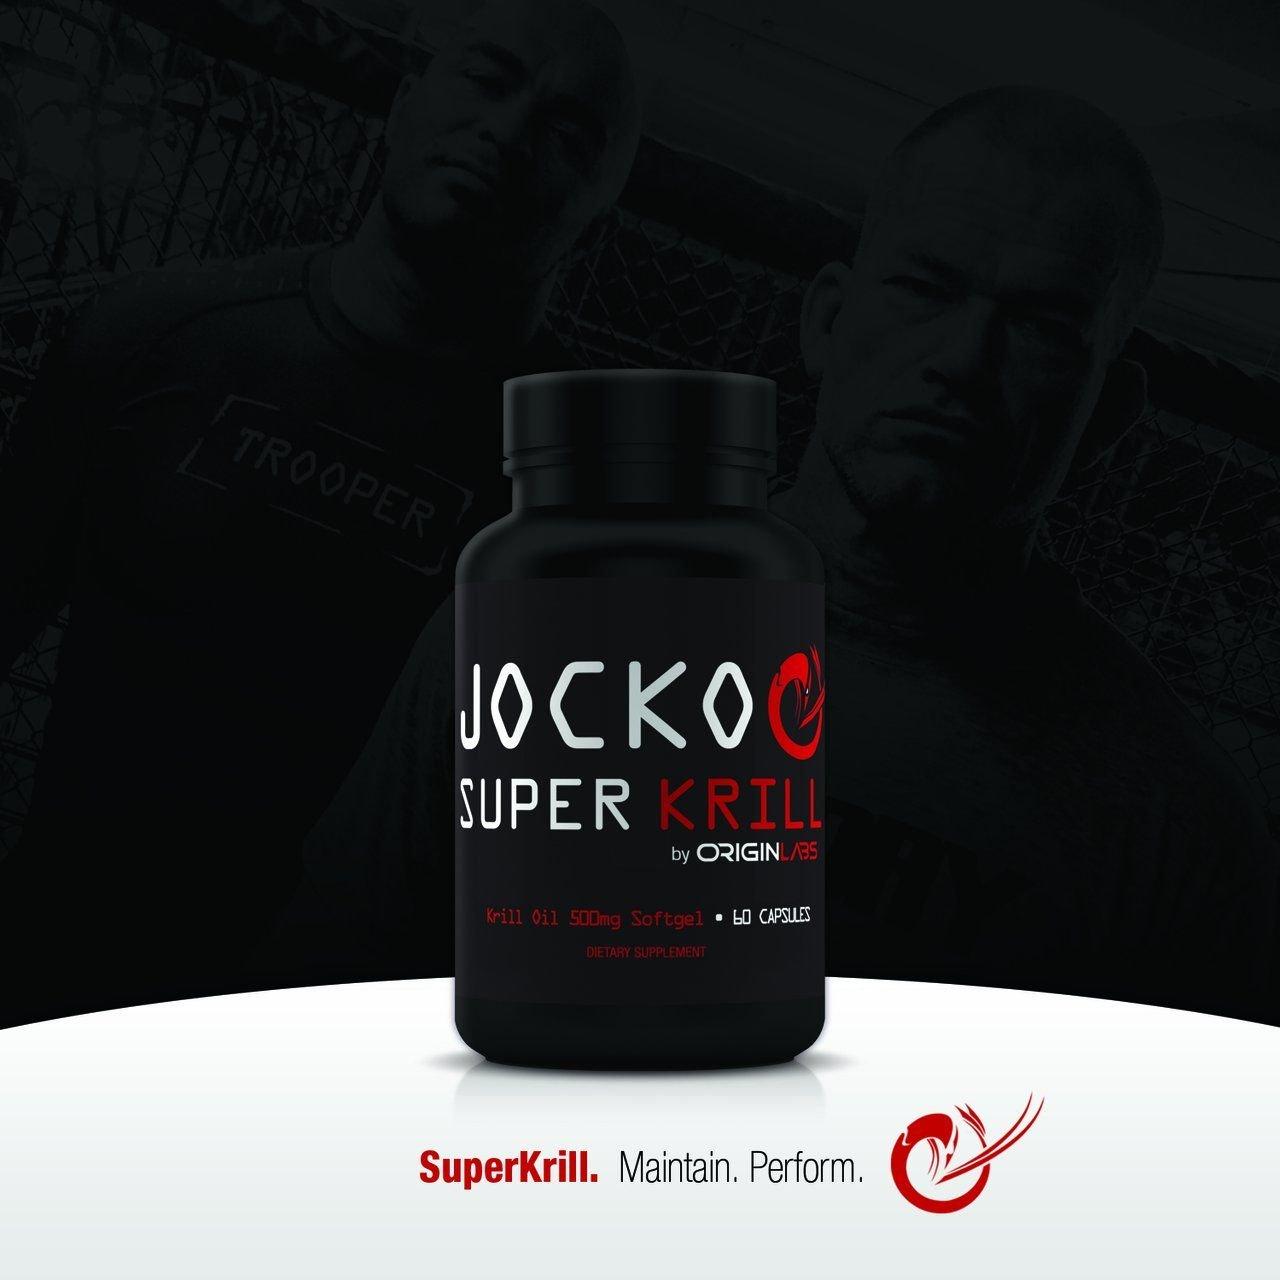 JOCKO Super Krill